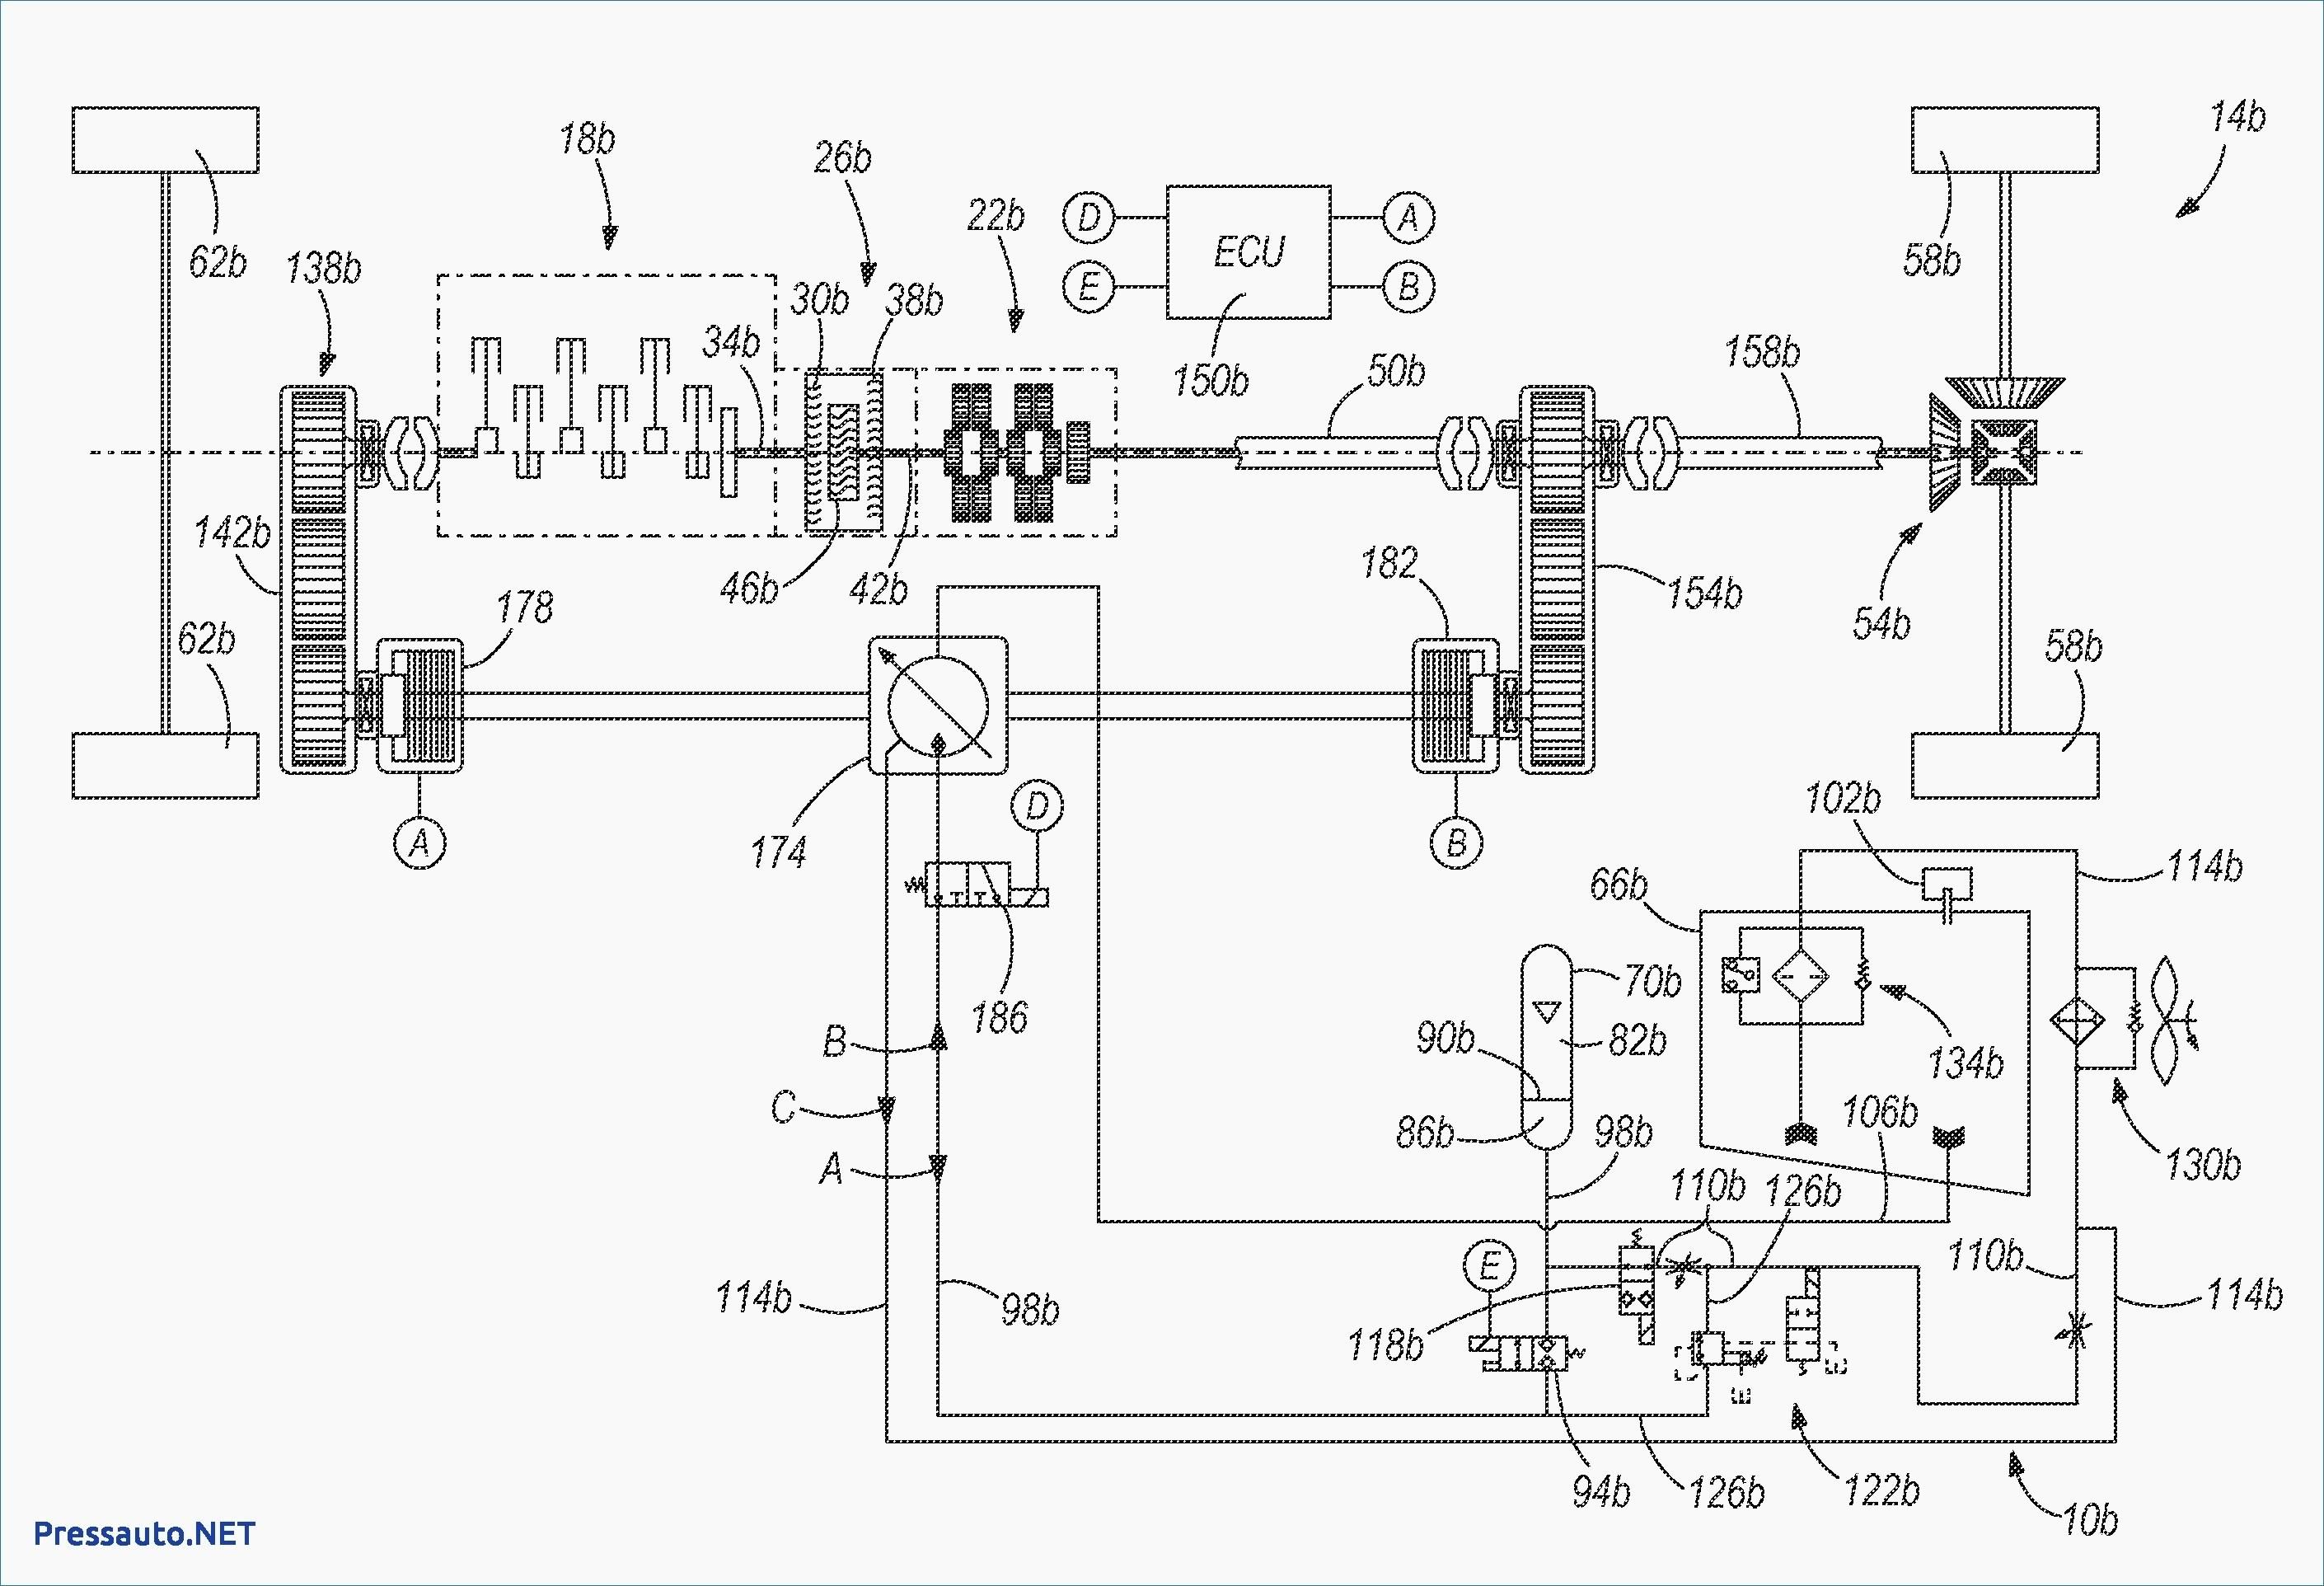 2003 international 4300 wiring diagram schematic diagrams rh ogmconsulting co 2003 international 4300 wiring schematic International Truck 4300 Wiring